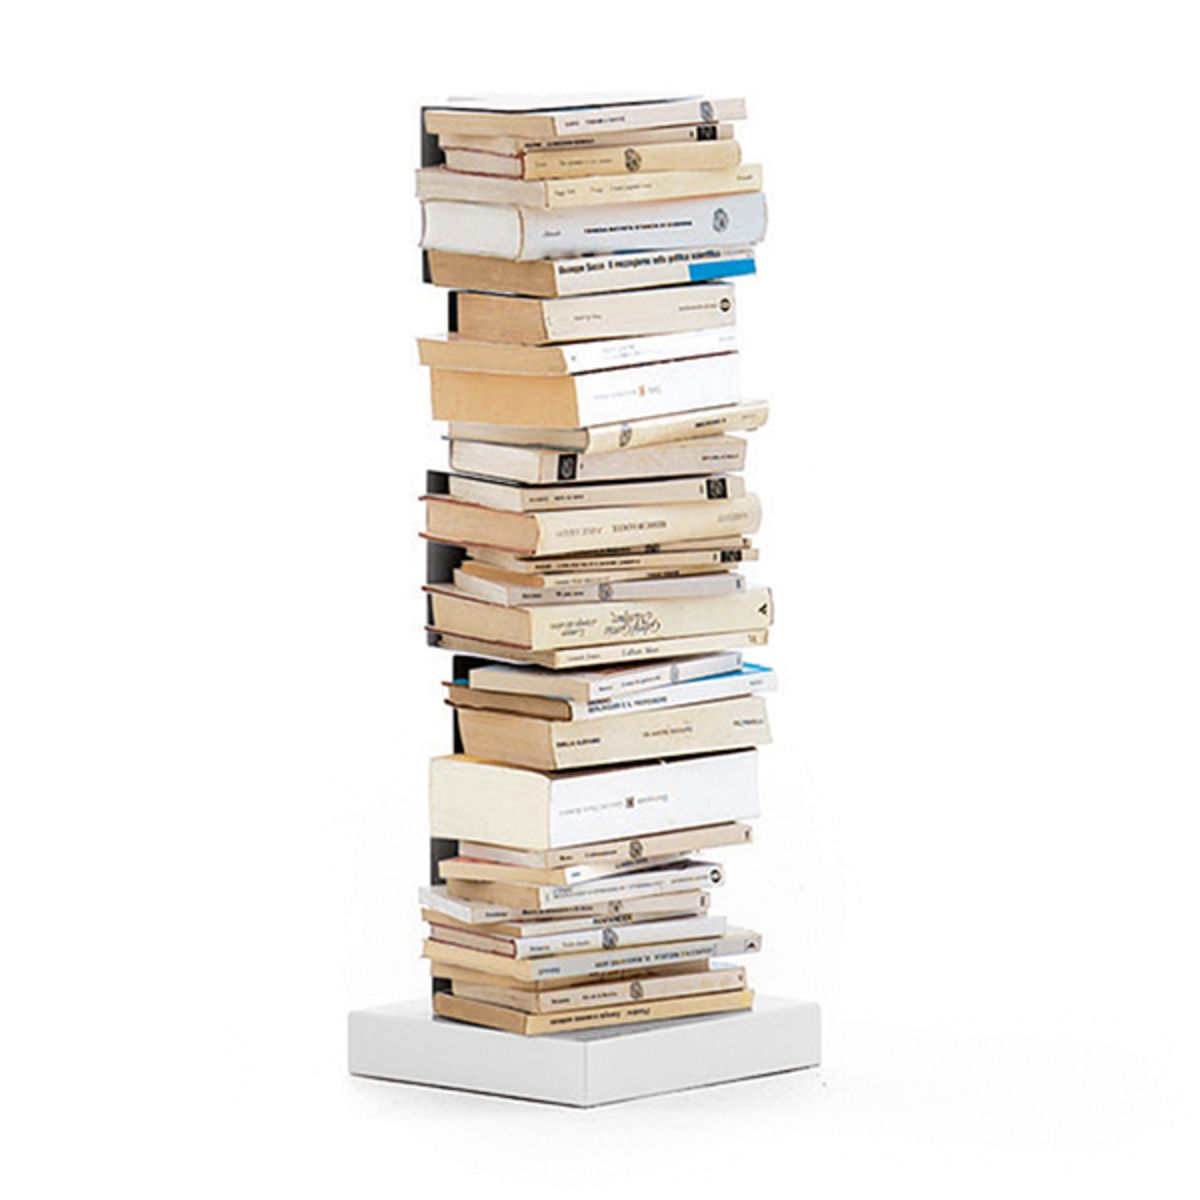 Libreria Ptolomeo di Opinion Ciatti